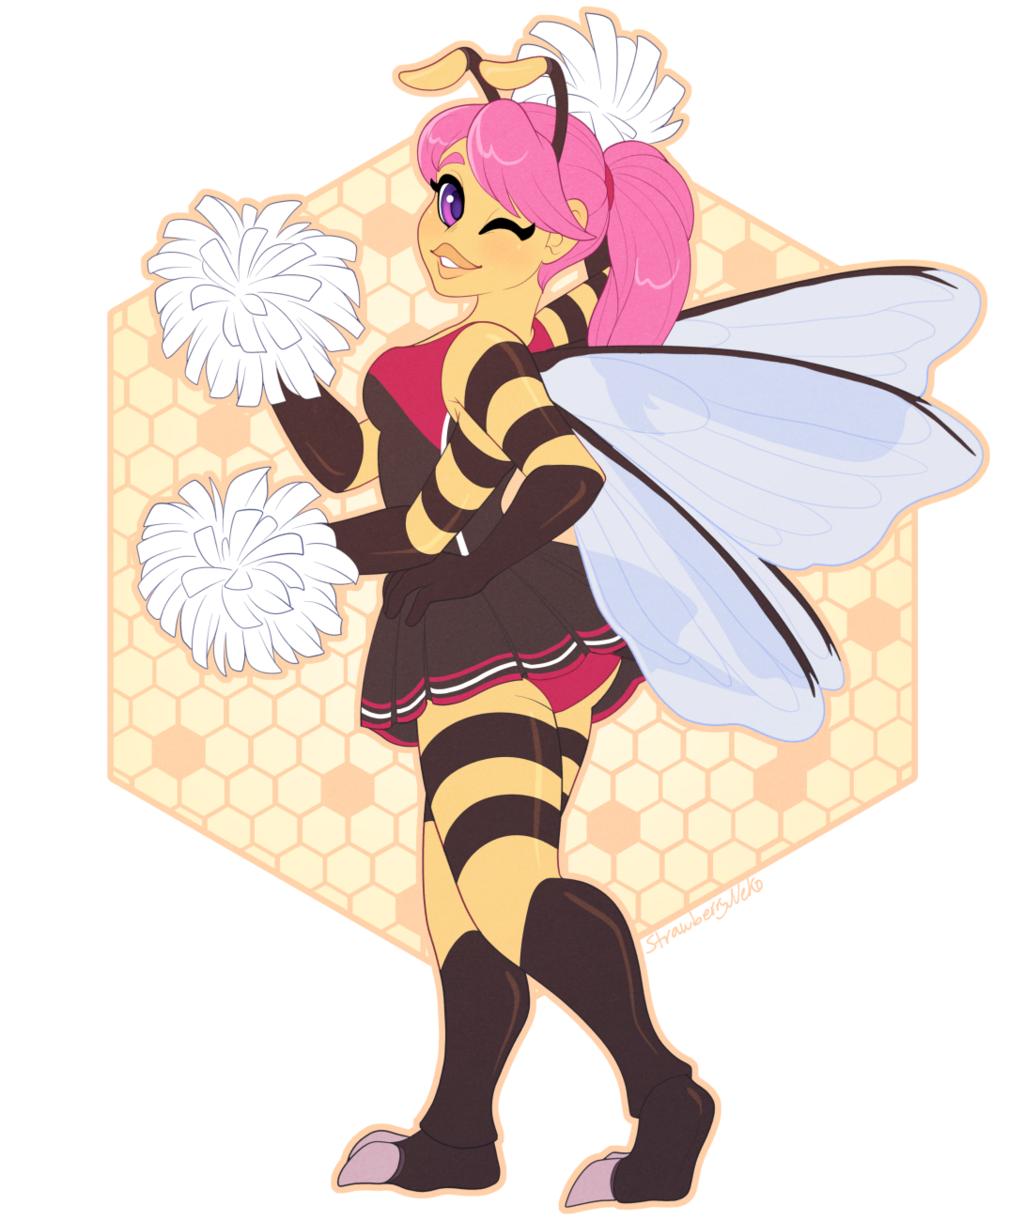 Cheerleader Bee - Commission